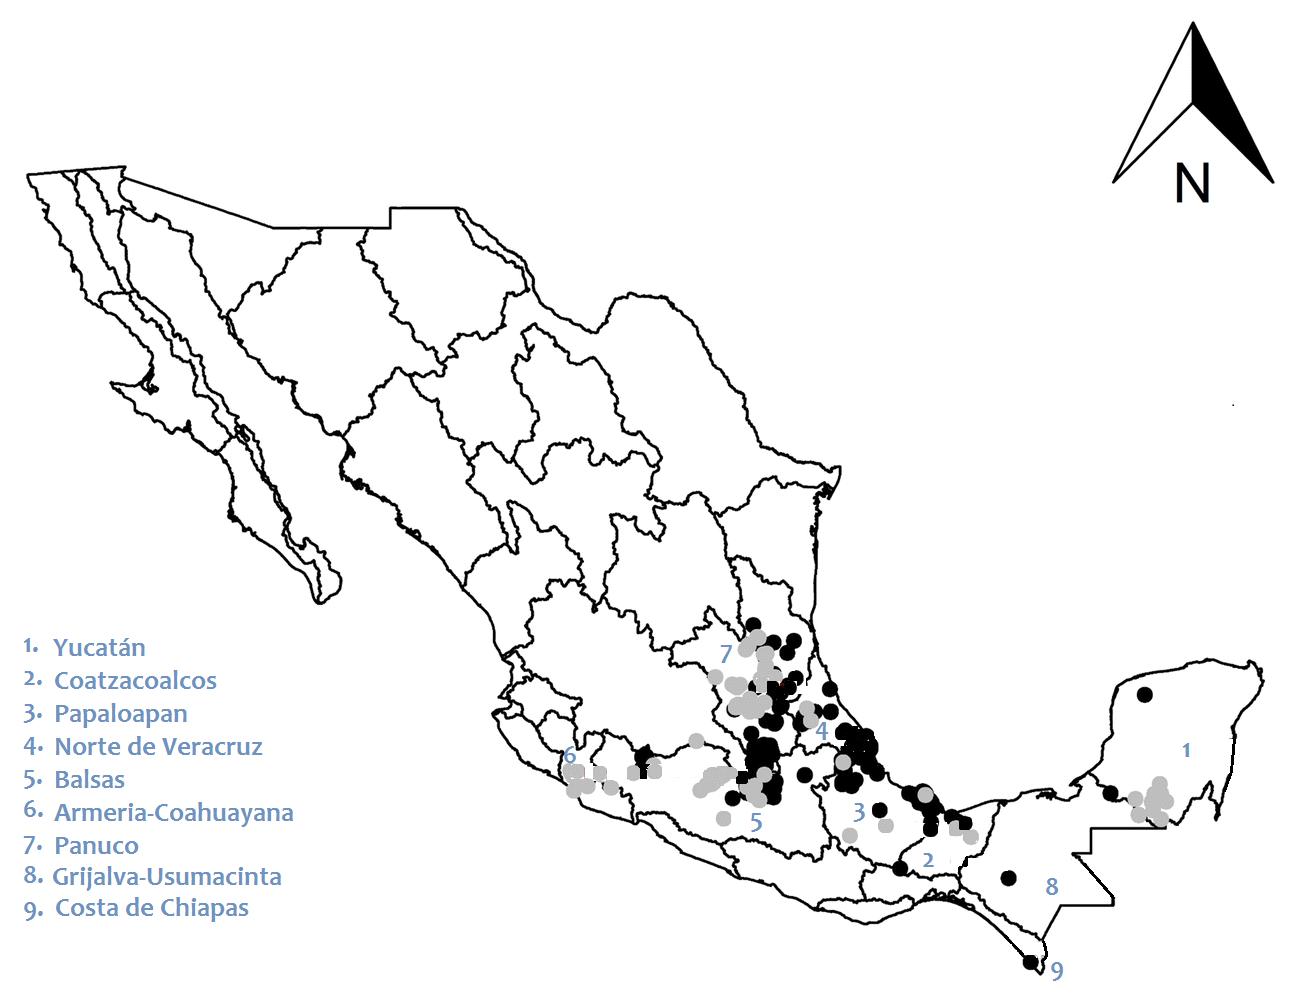 Figura 4. Sitios en México donde se encontraron comunidades de libélulas y caballitos del diablo en los dos periodos estudiados: 1980-1993 (puntos negros) y 1994-2010 (puntos grises). Imagen modificada de Rocha-Ortega et al. 2019.